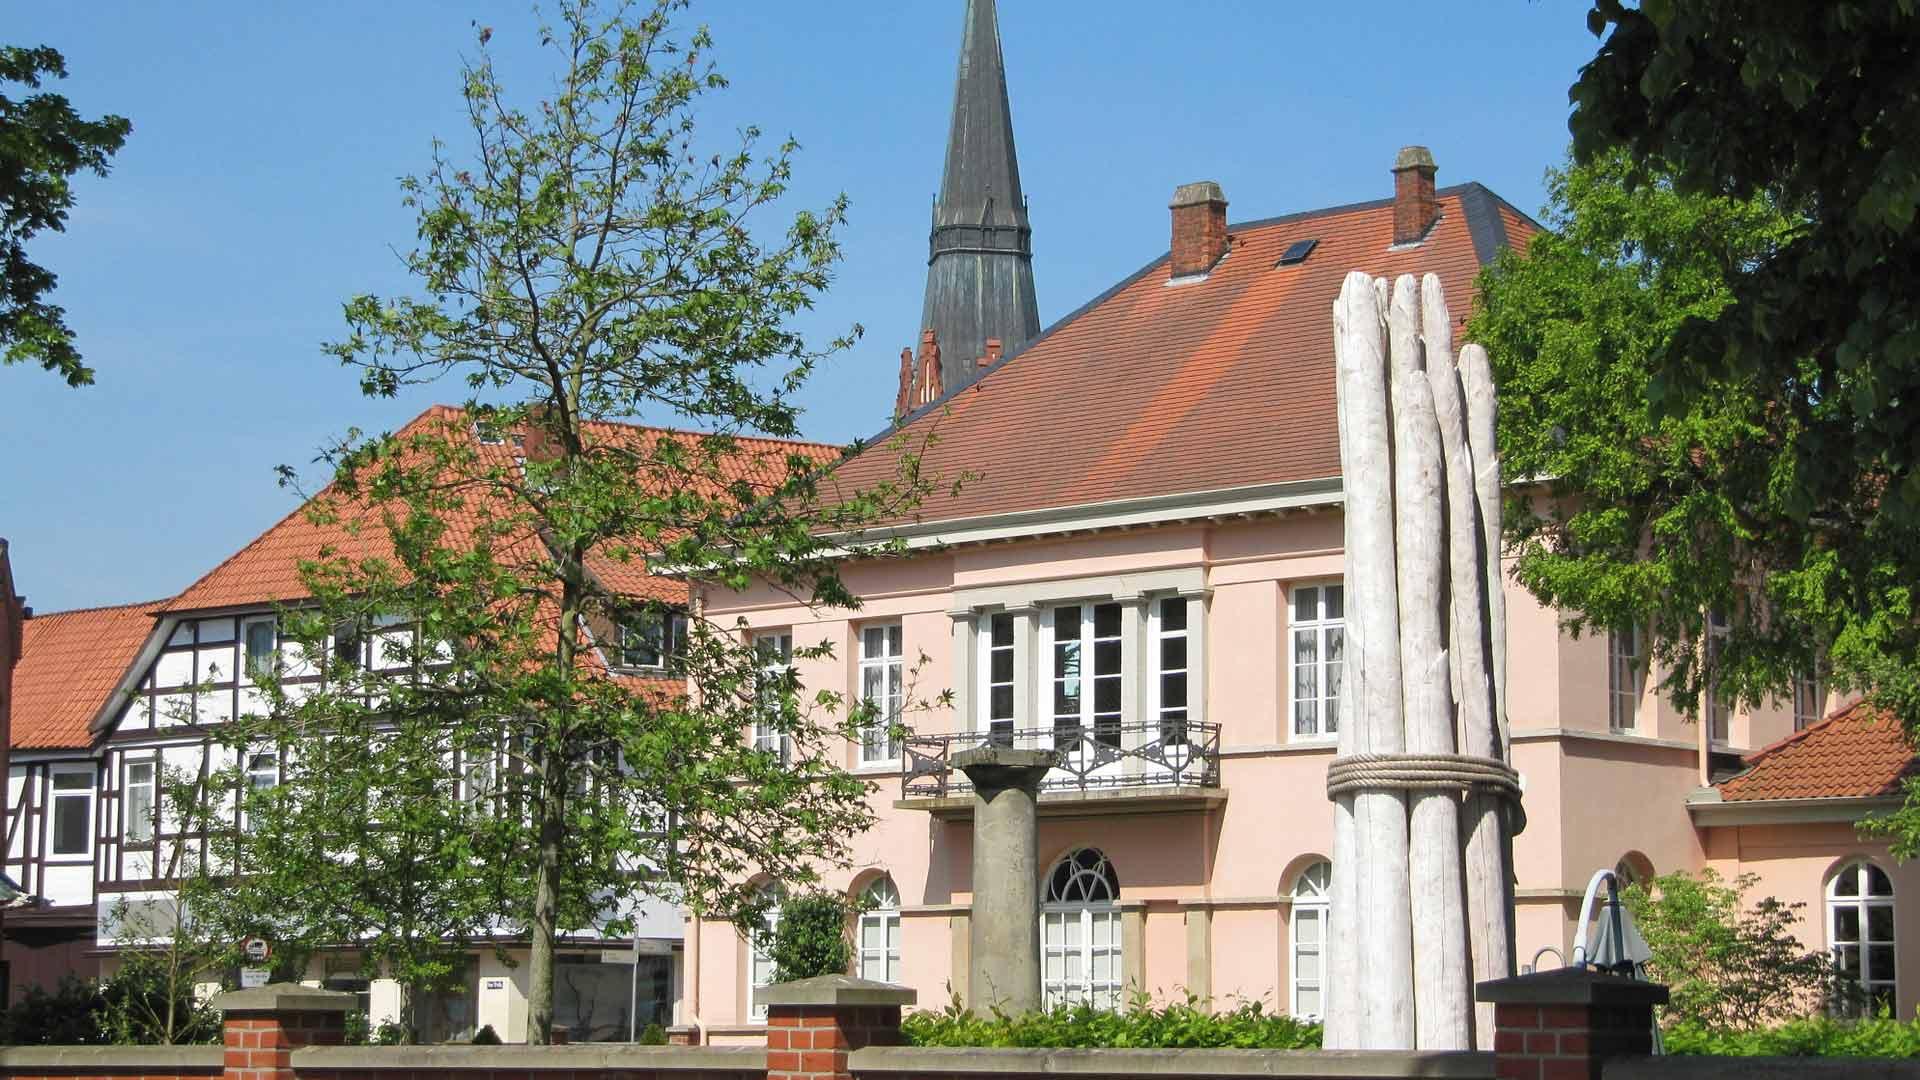 Nienburg is de aspergesstad van Noord-Duitsland.